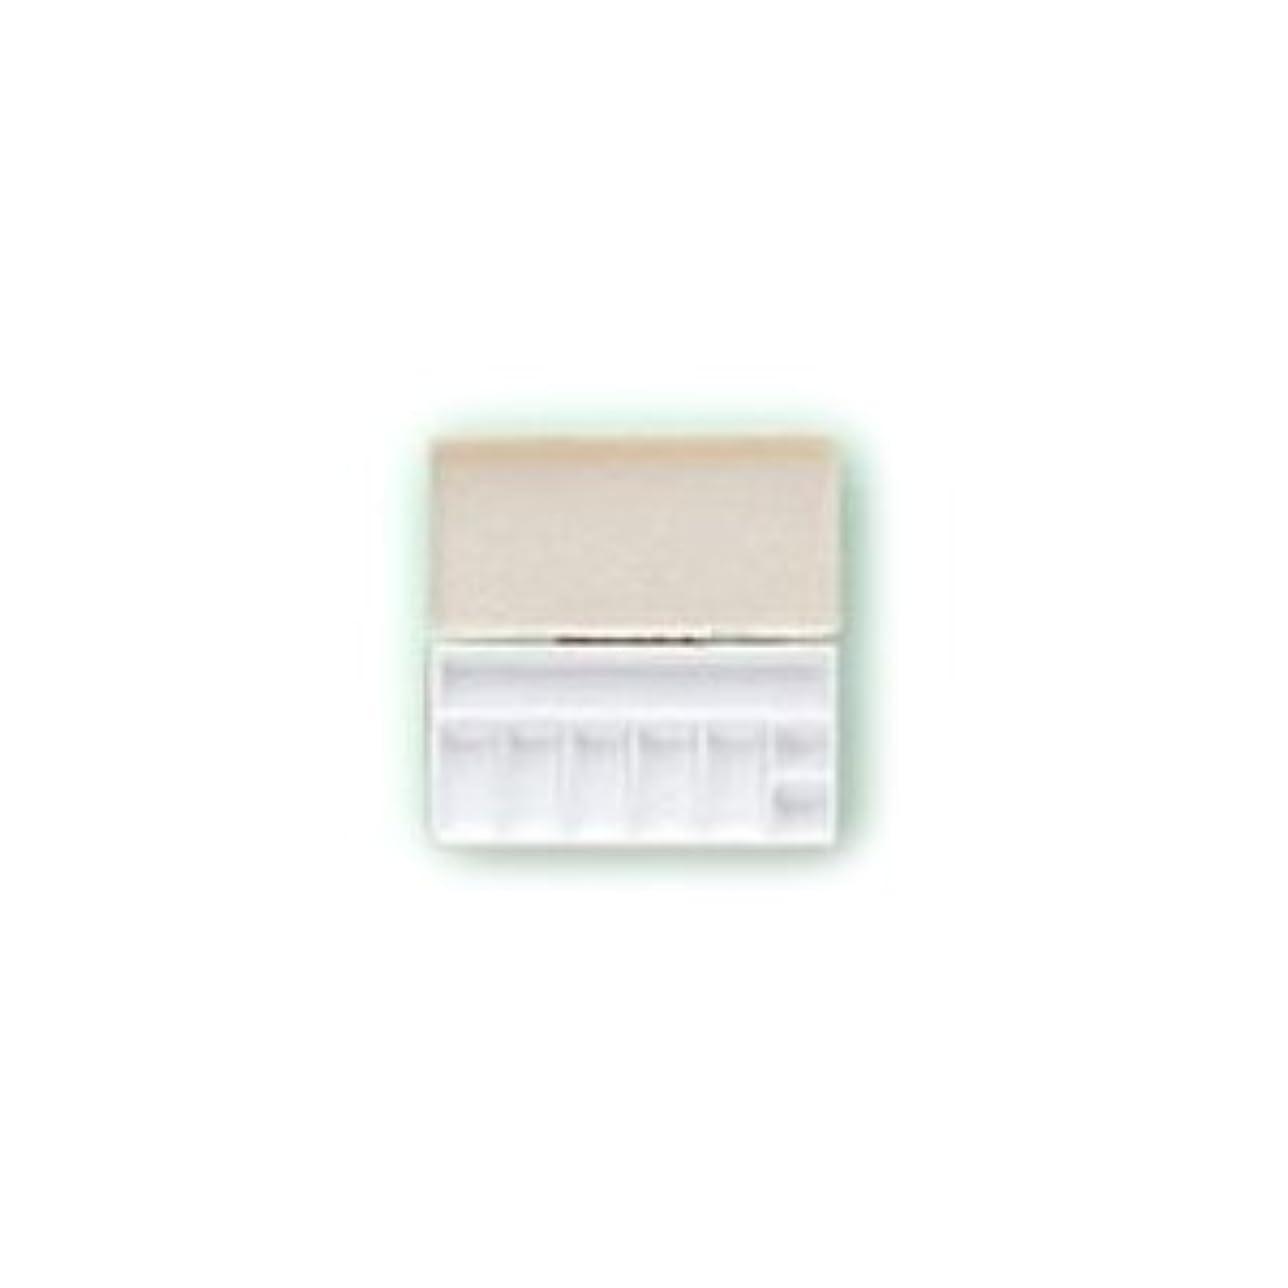 誤って相手に変わる三善 パレット メイクアップパレット 携帯用パレット 106×53mmサイズ 1 (C)